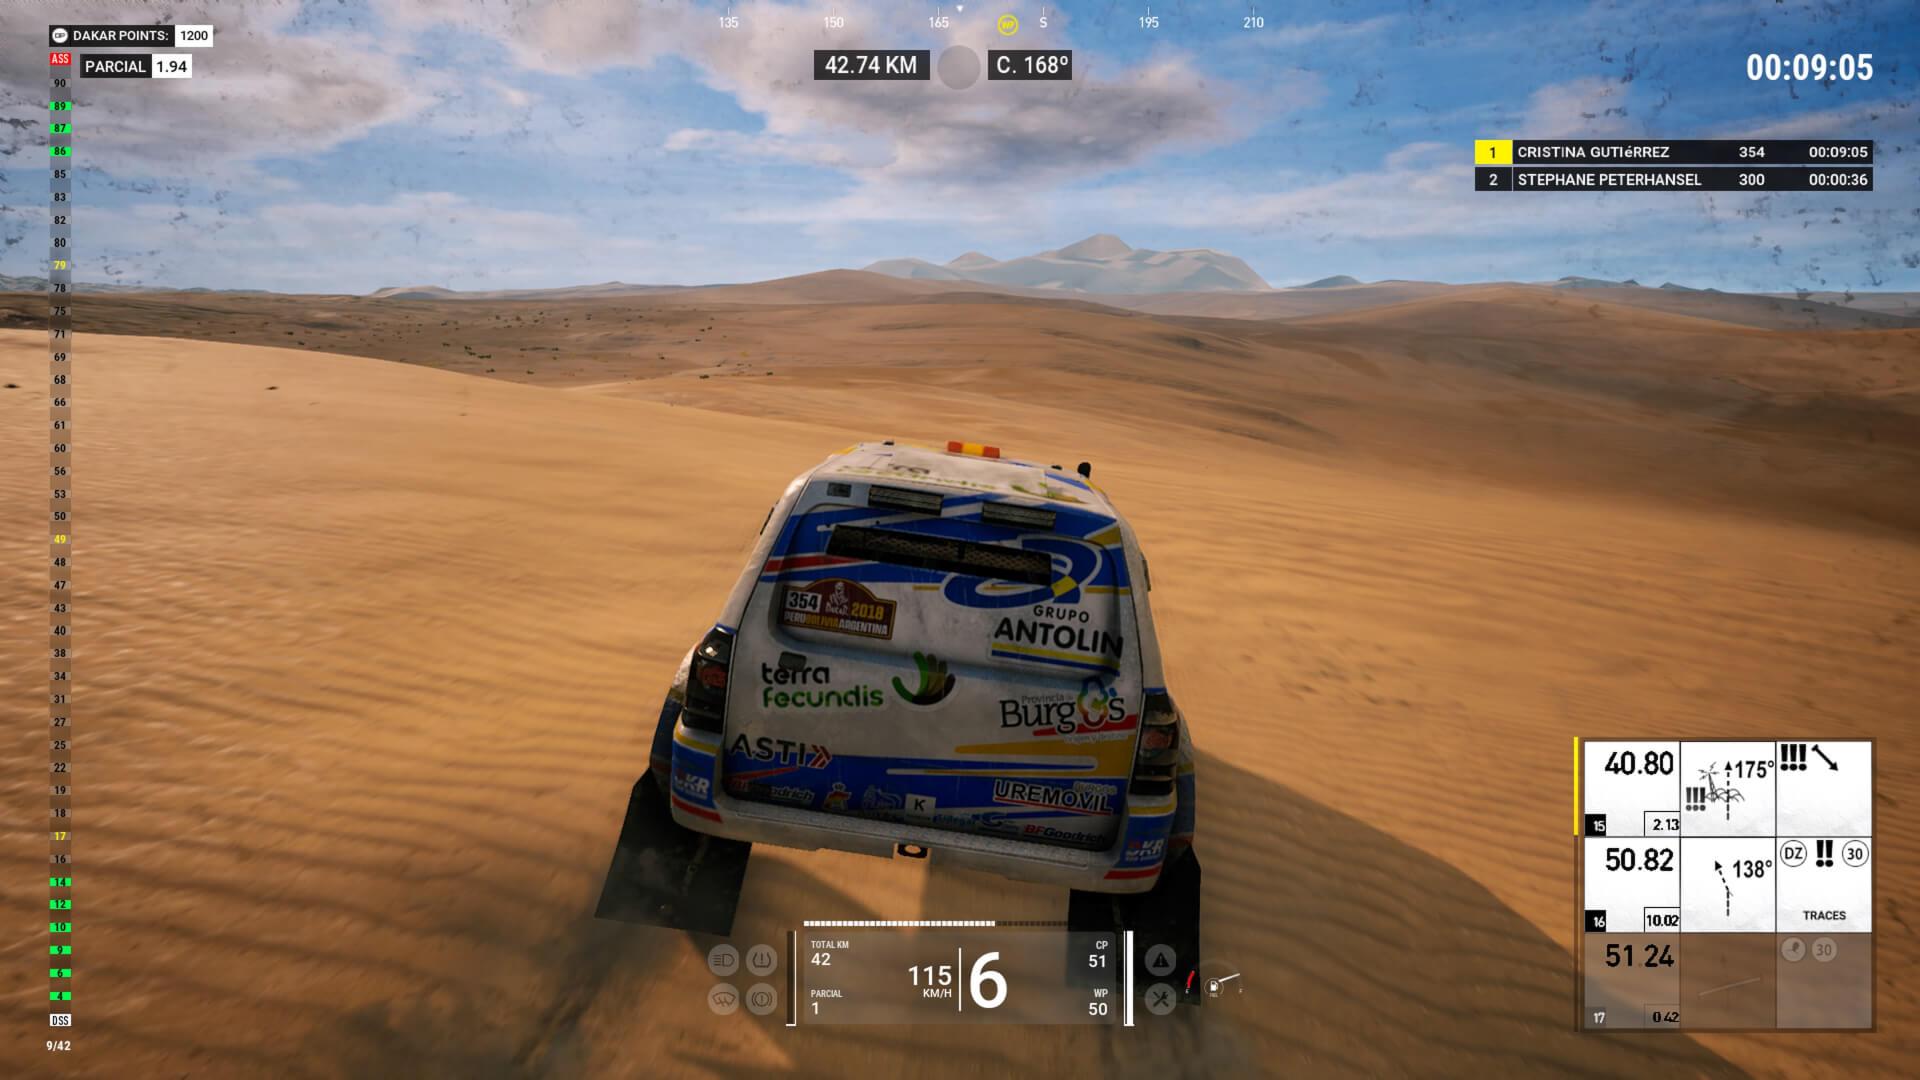 Foto de Análise: Dakar 18 mostra a solidão de um piloto atolado no meio do deserto